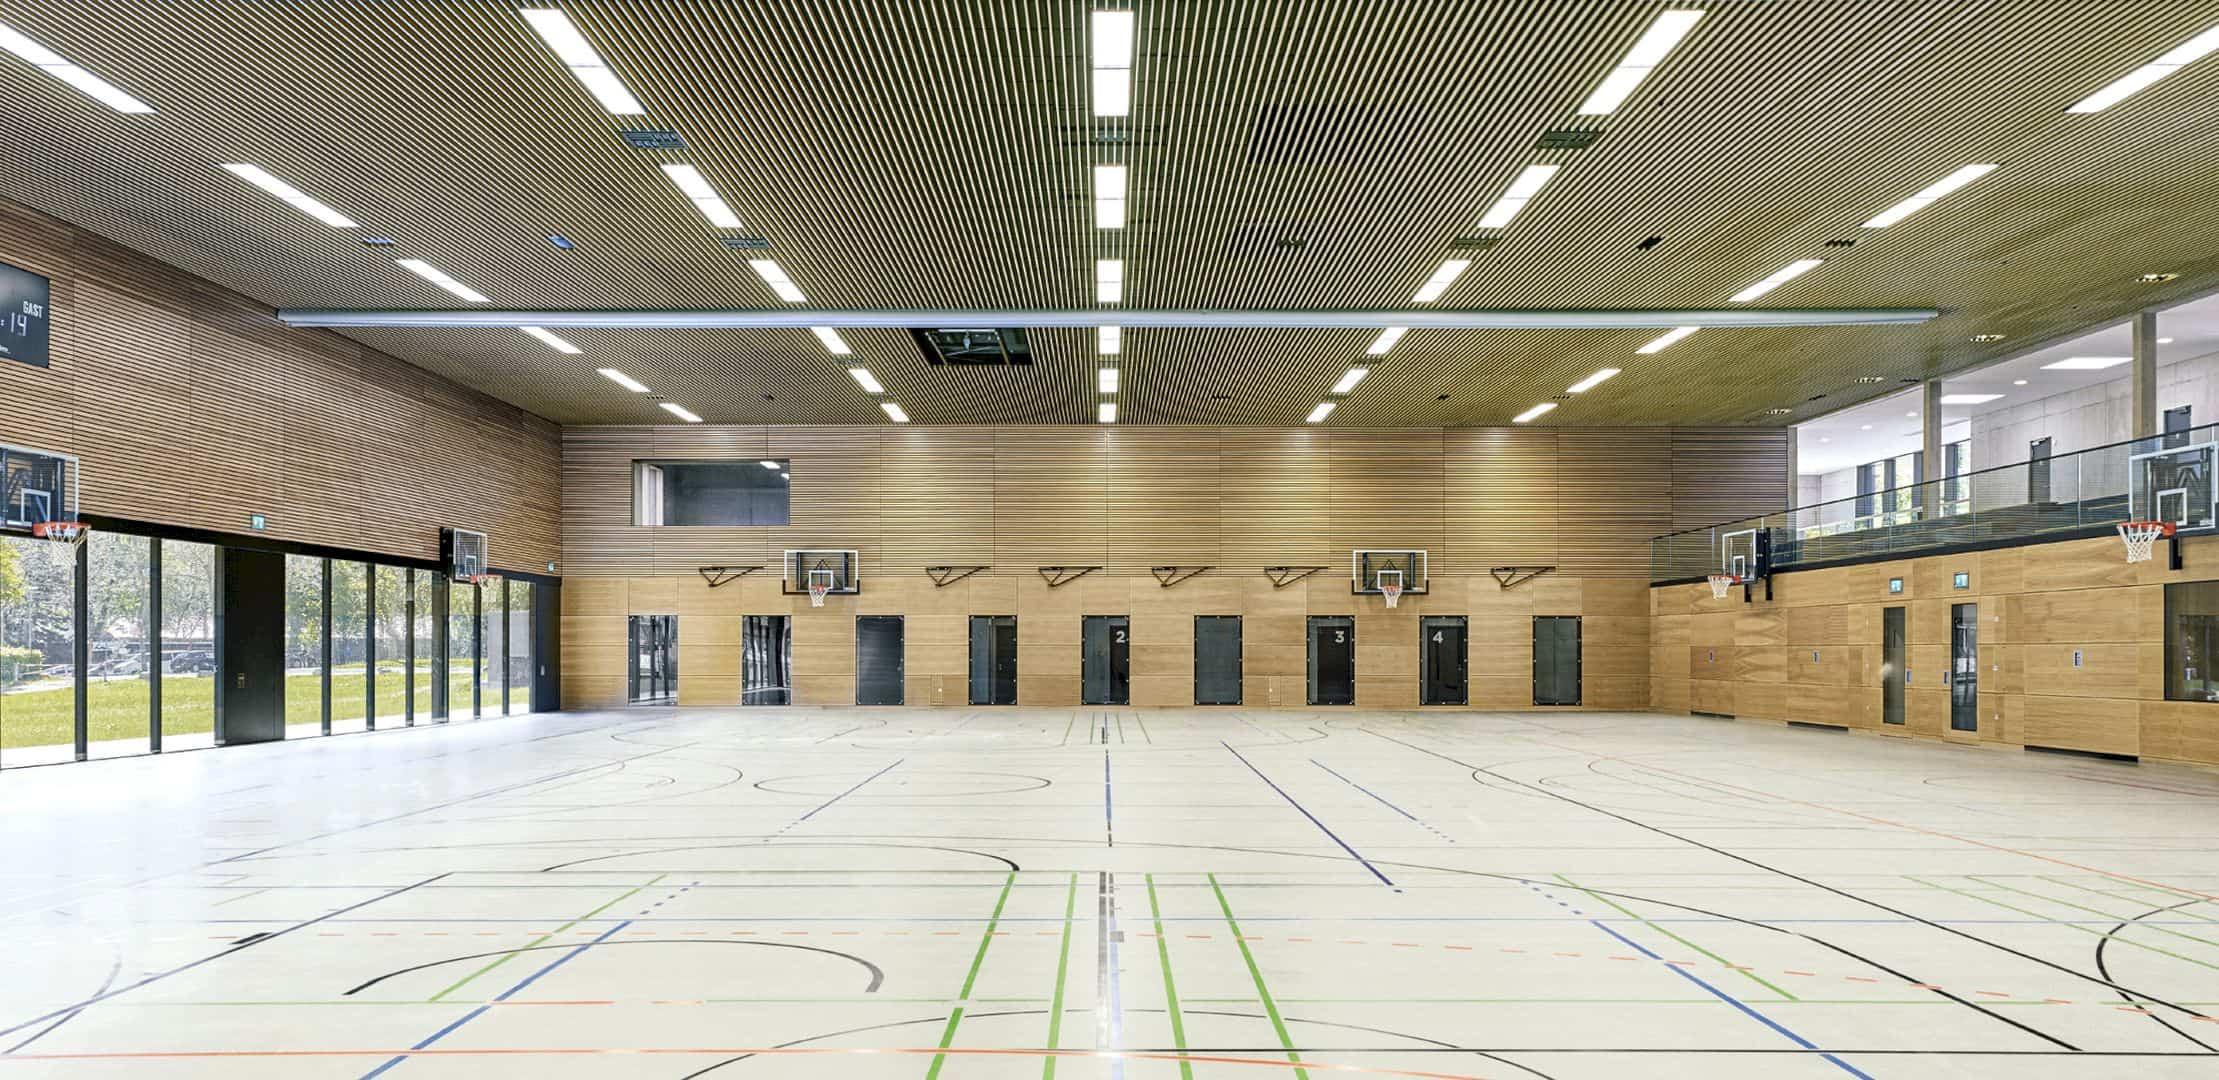 Schönberghalle A Multifunctional Gymnasium In Swabian Alps 3